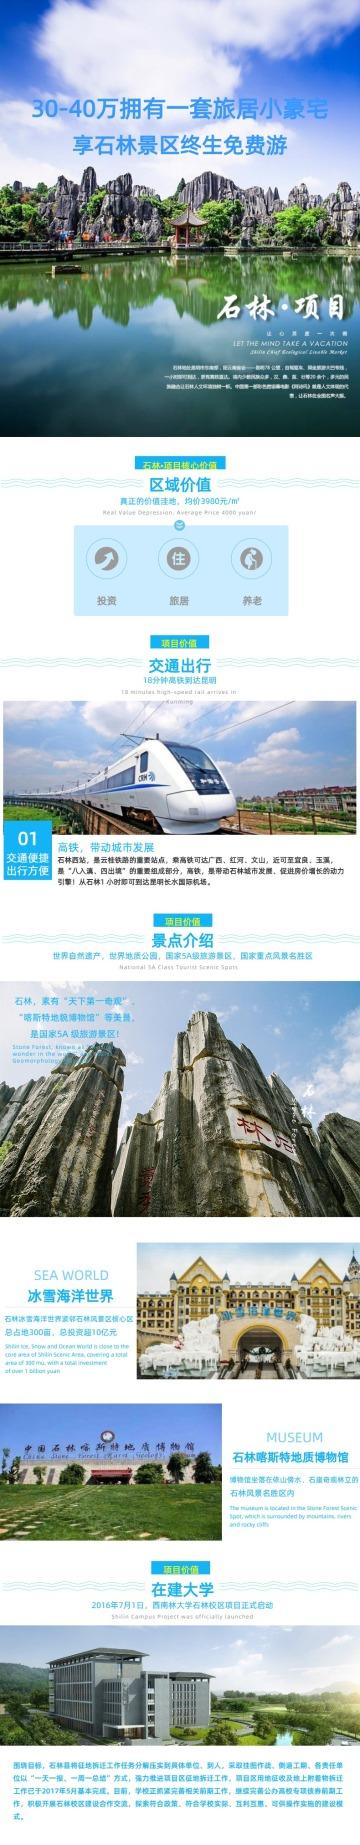 旅游项目详情页,地产项目介绍